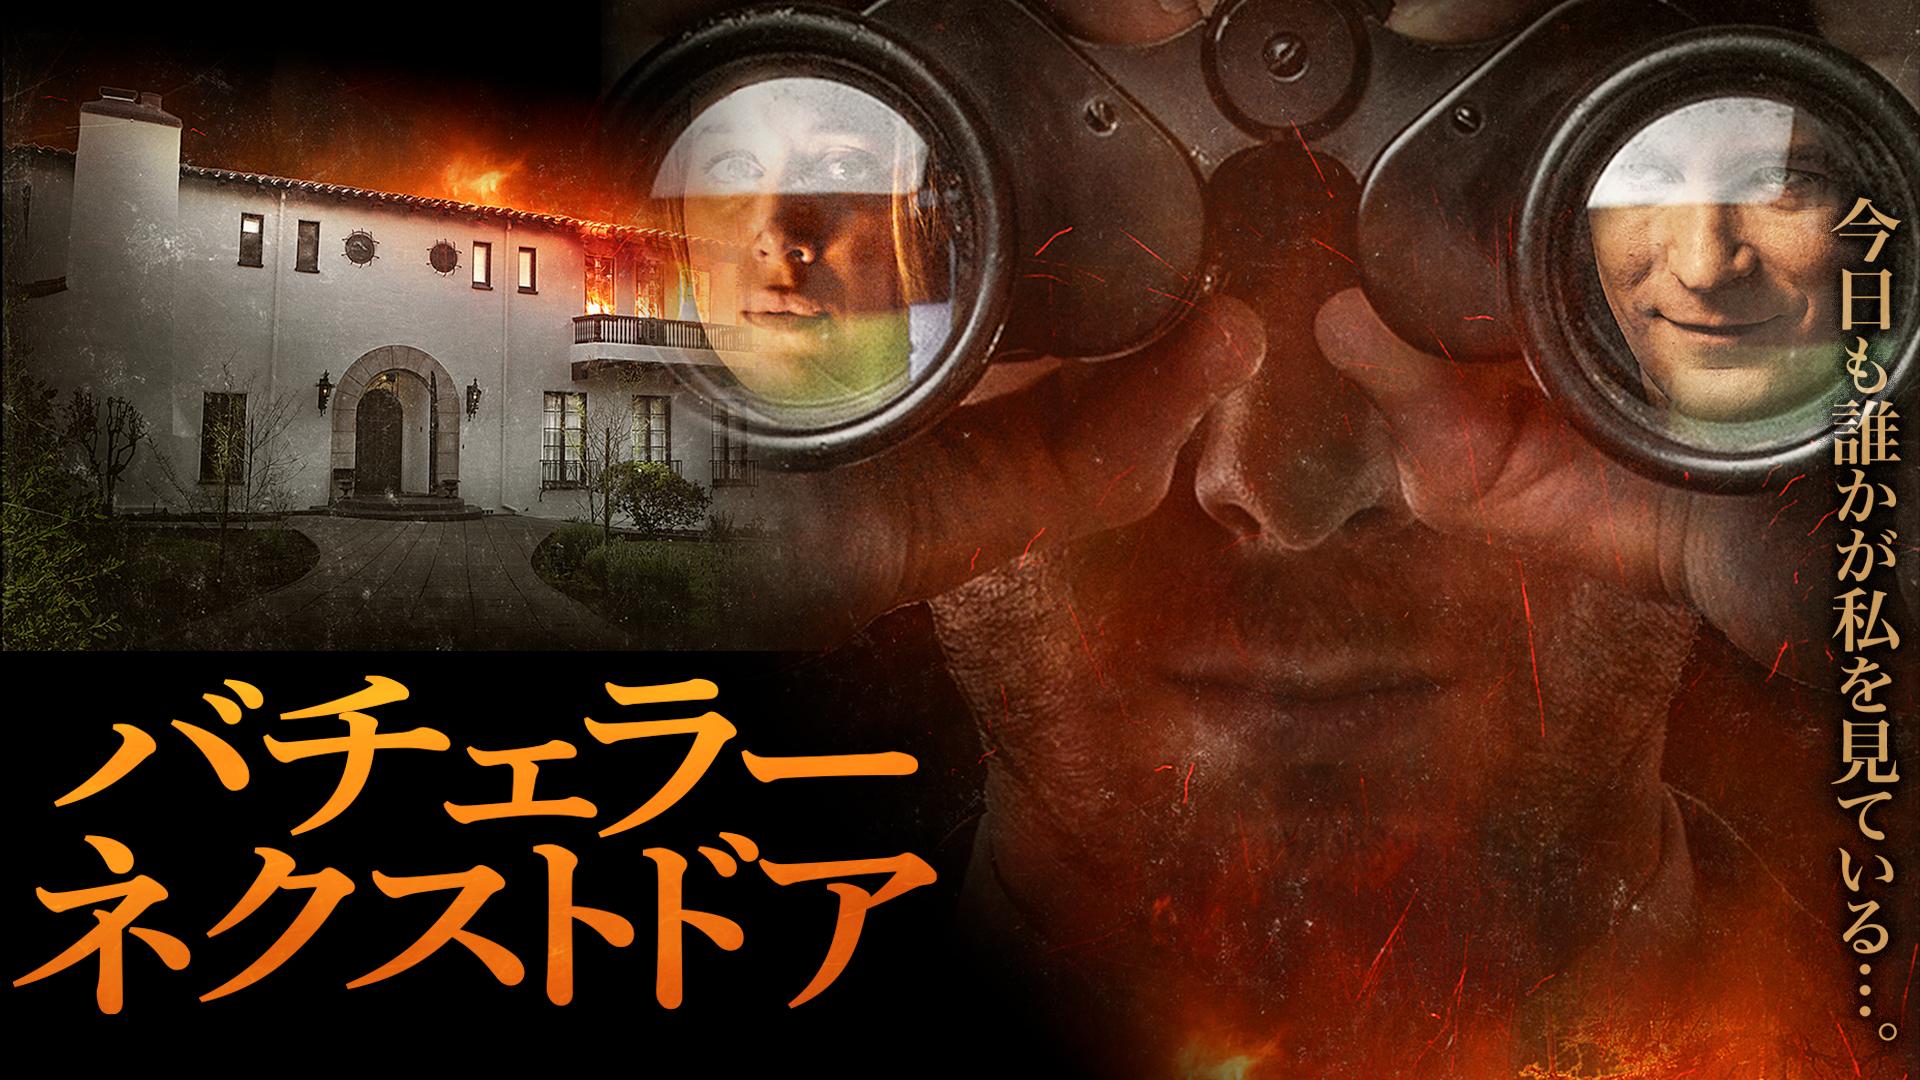 バチェラー・ネクストドア(字幕版)